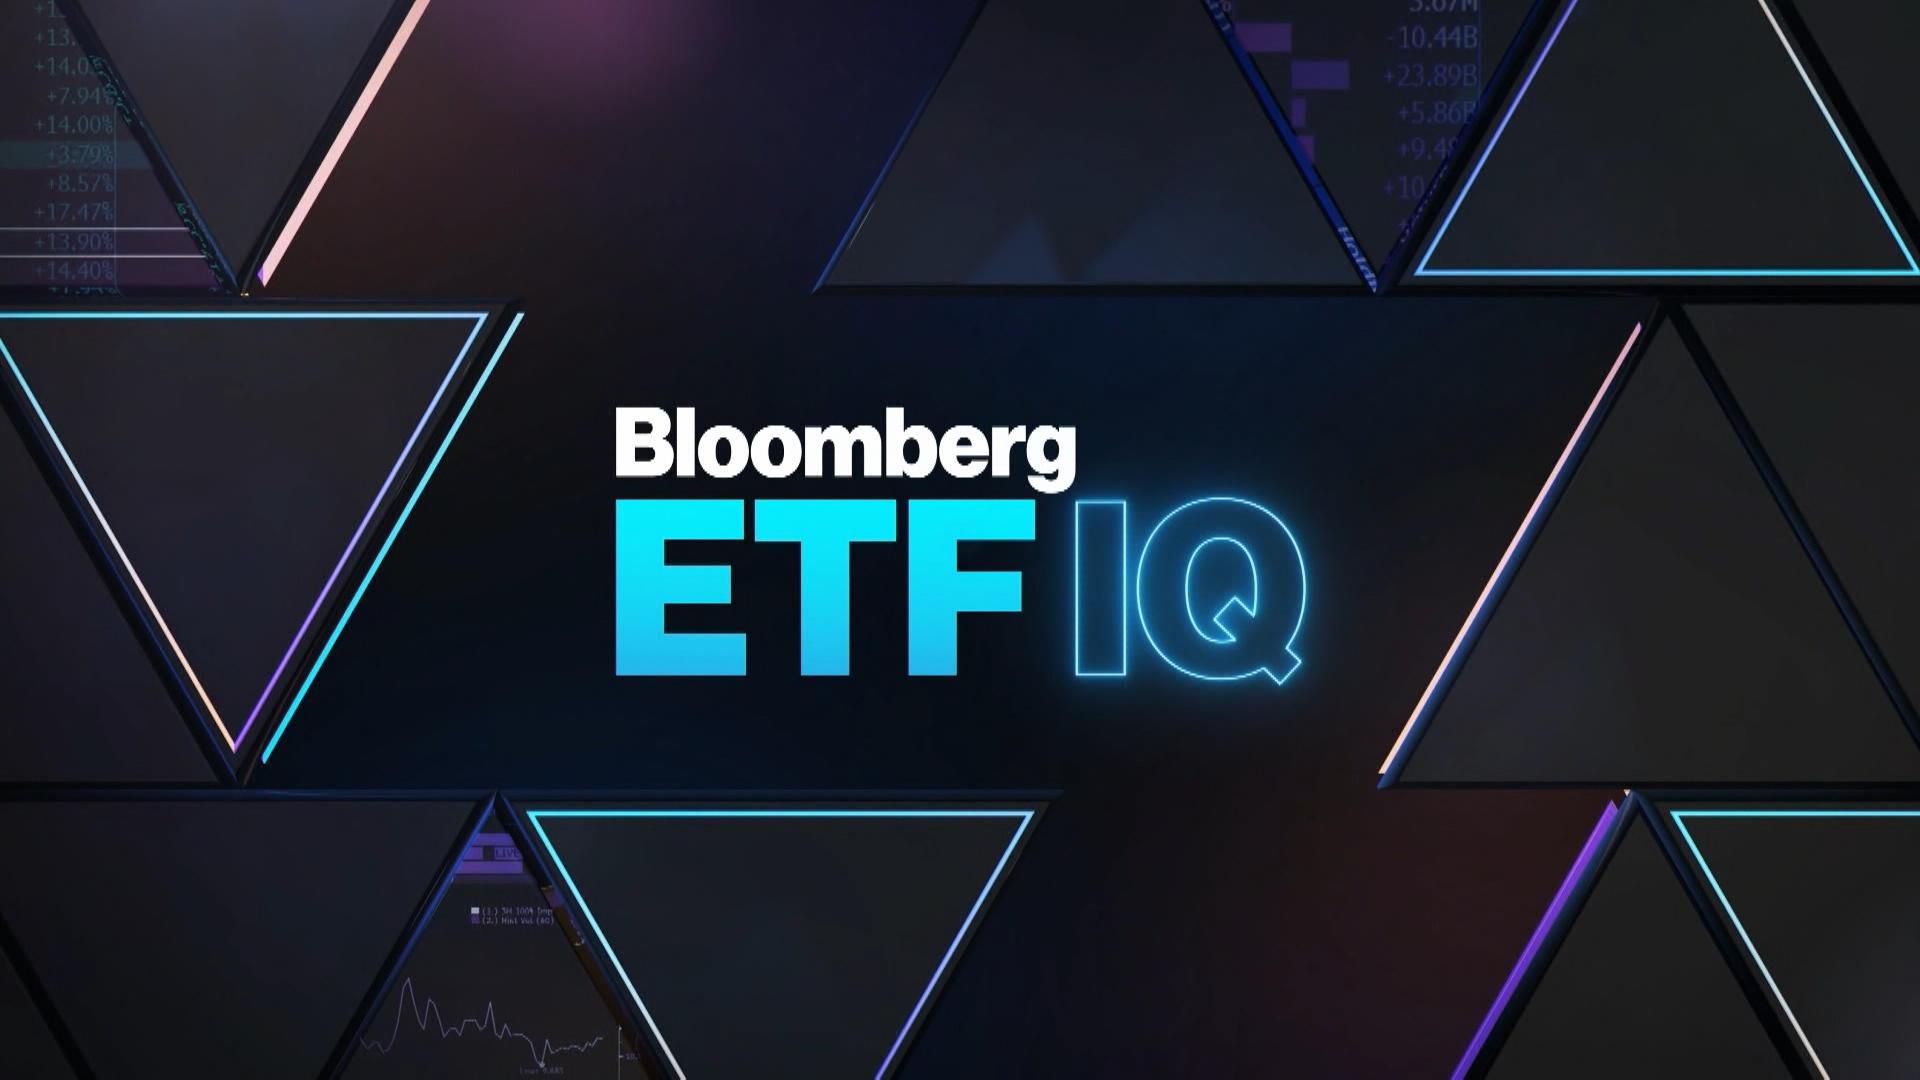 Bloomberg ETF IQ' Full Show (08/21/2019) - Bloomberg